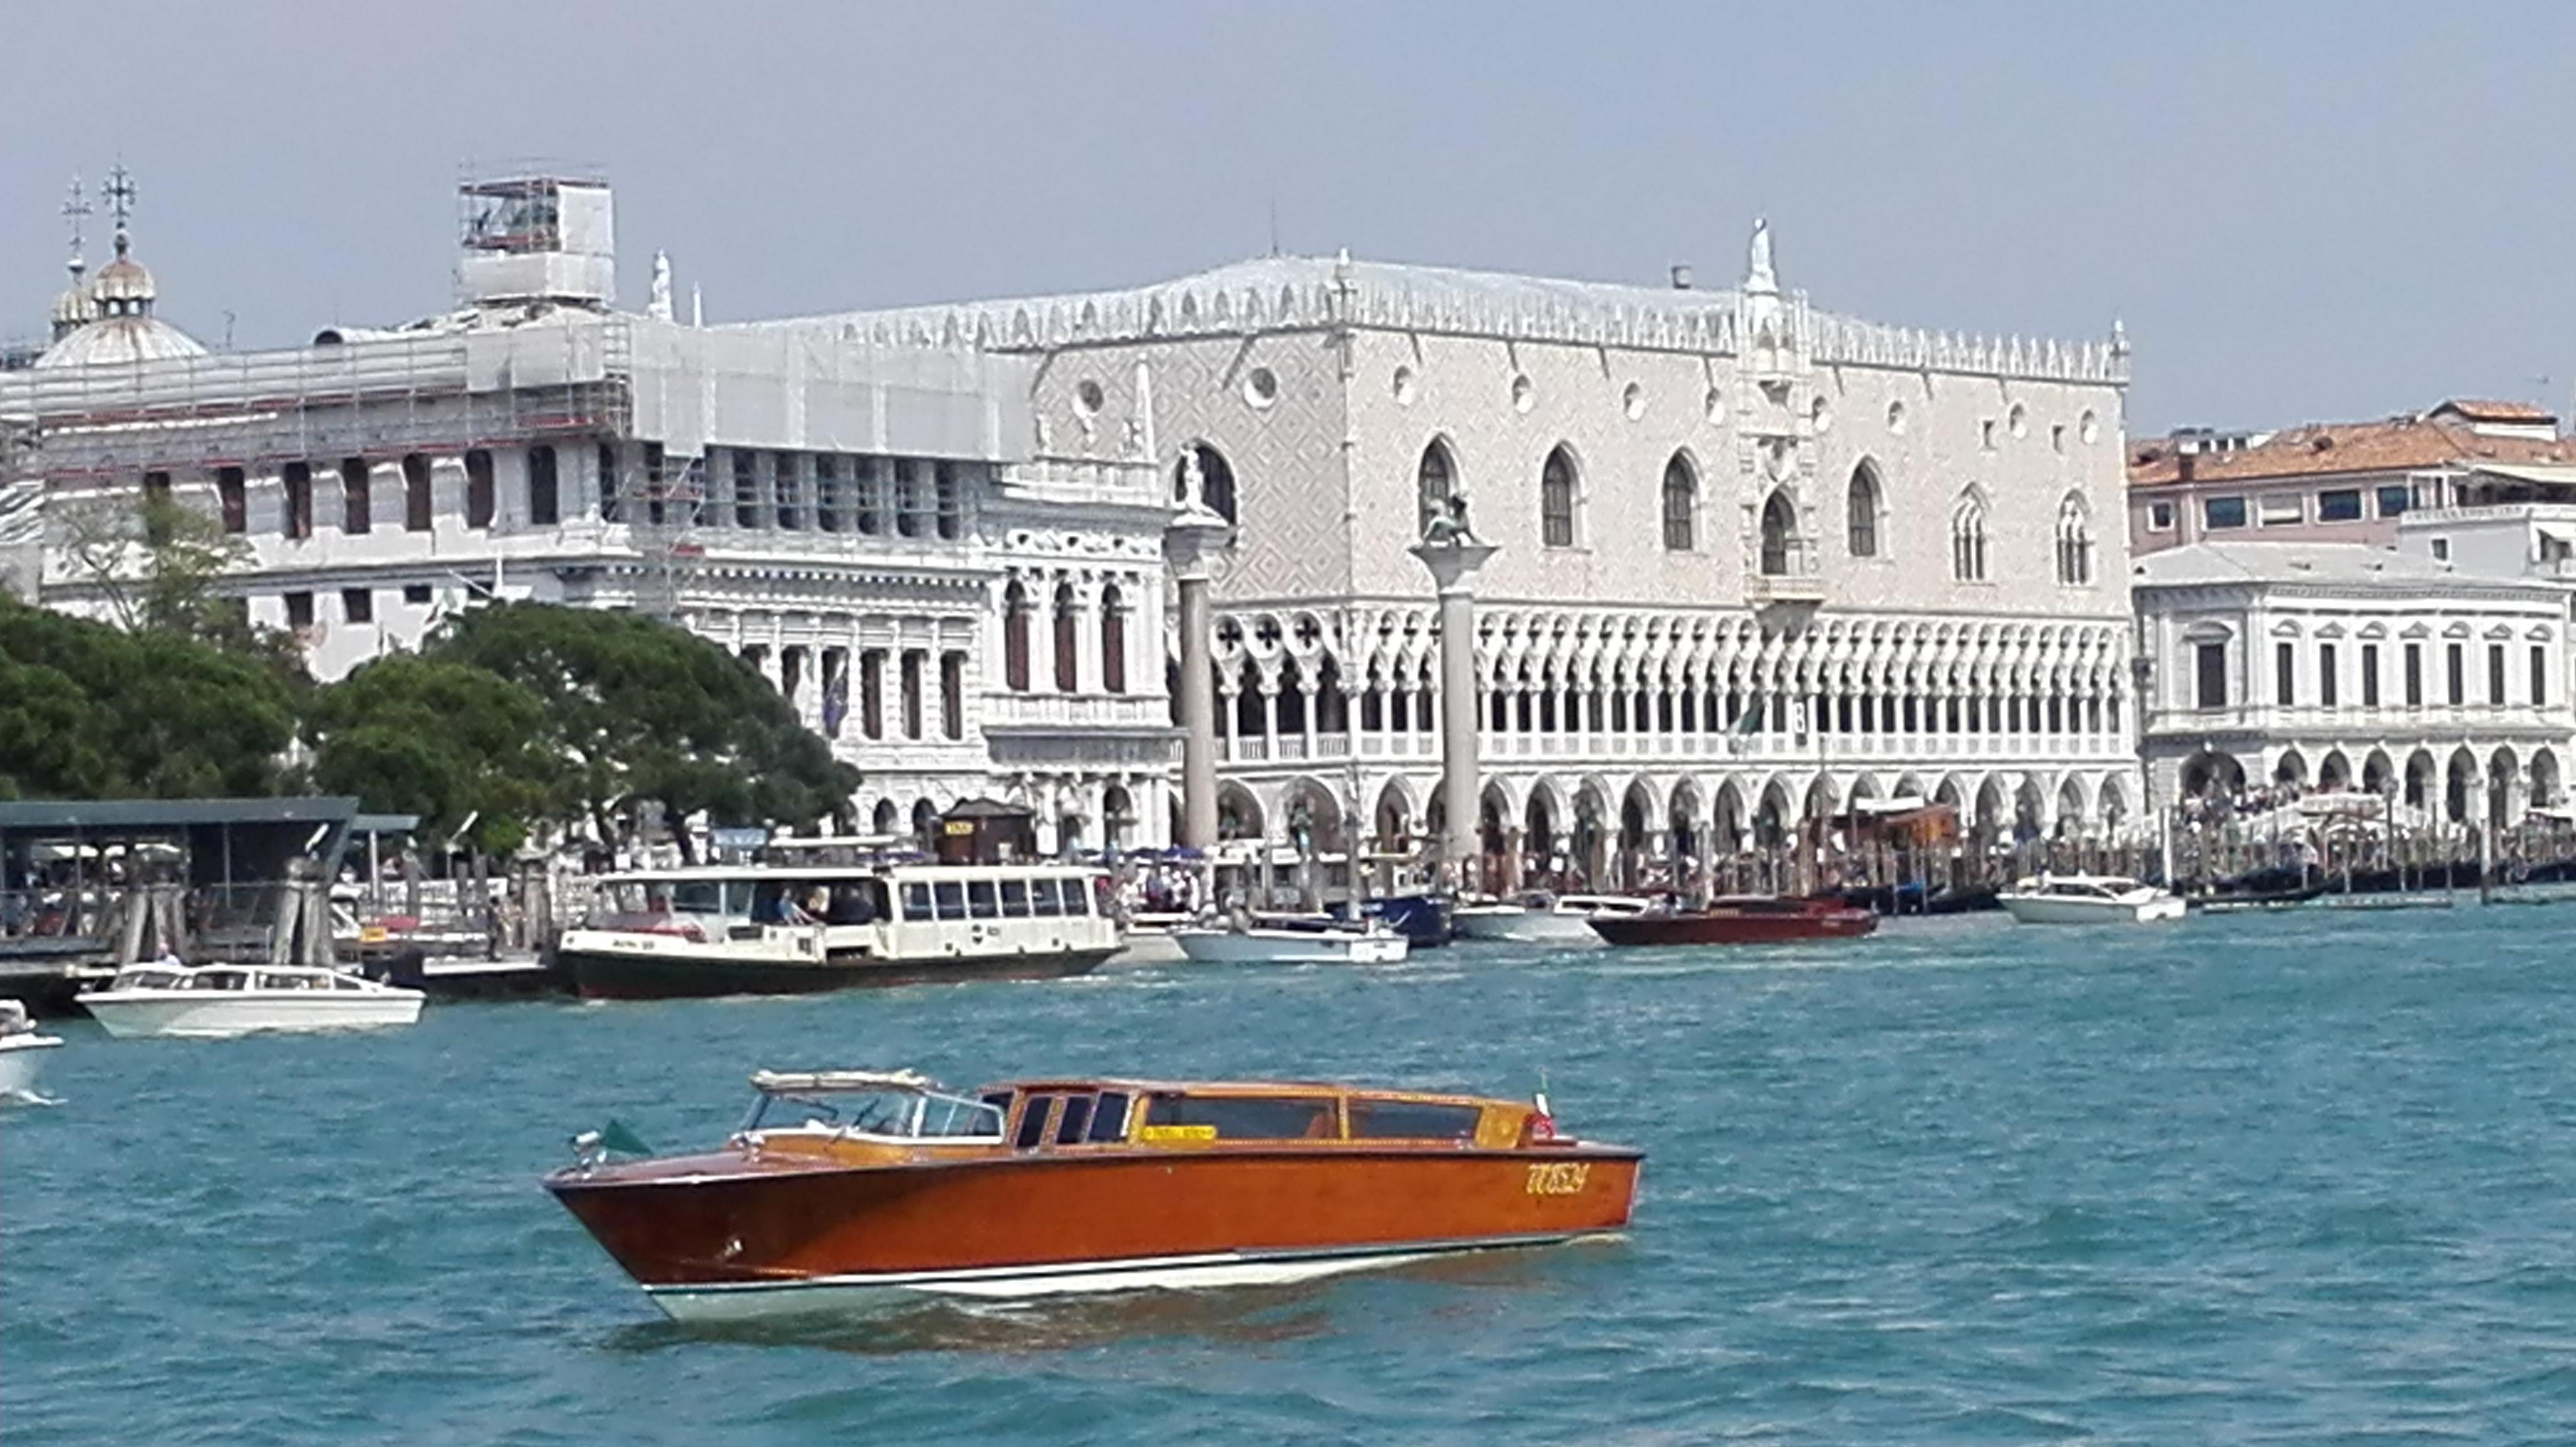 Nous sommes à la punta della dogana et nous admirons le Palais des Doges juste en face